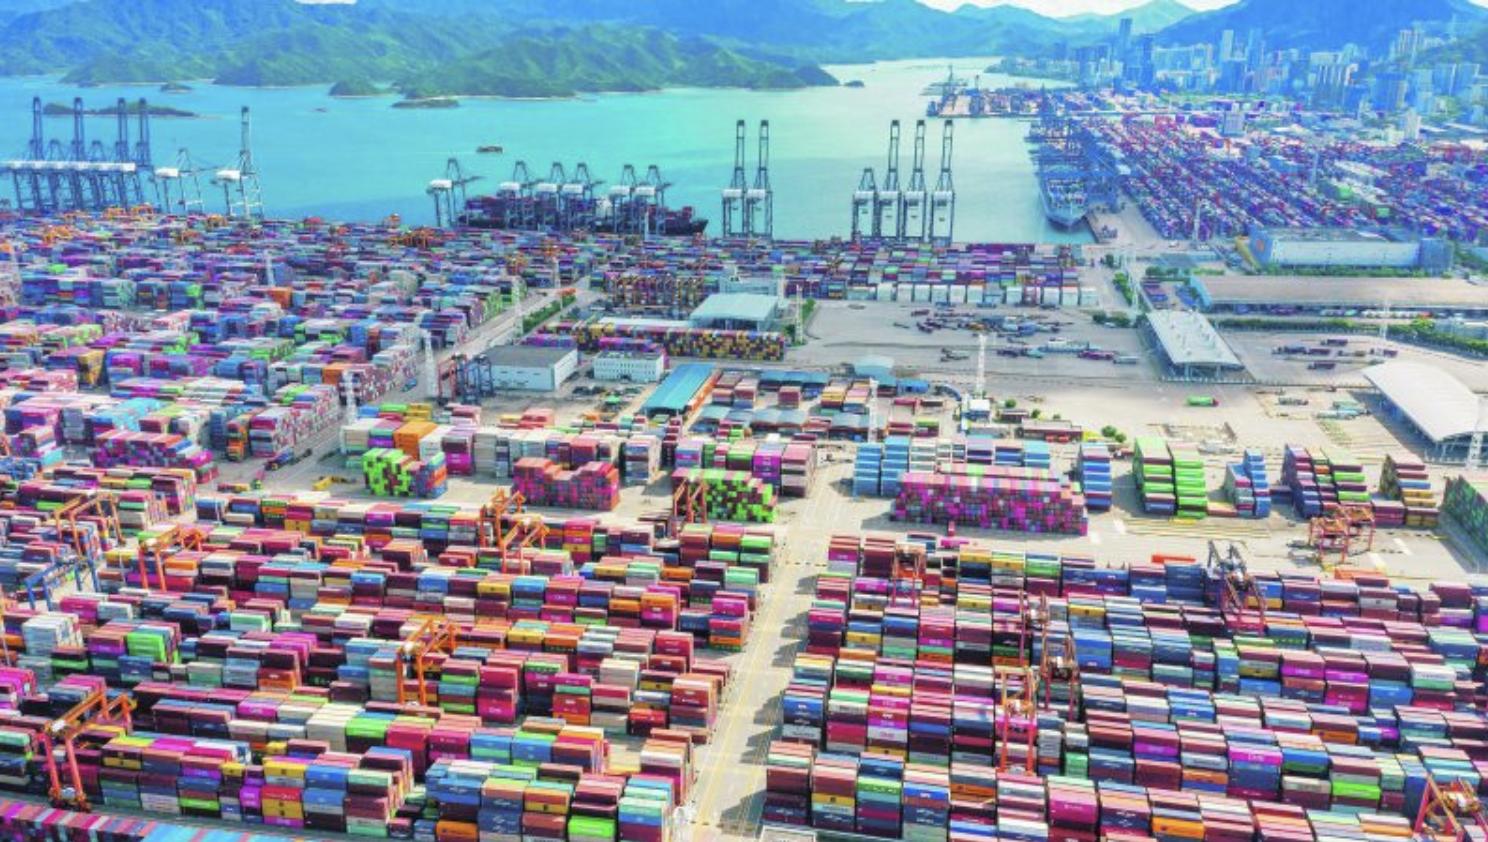 Strenge coronamaatregelen in Zuid-Chinese containerhaven Yantian zorgen voor ernstige verstoringen van de scheepvaart